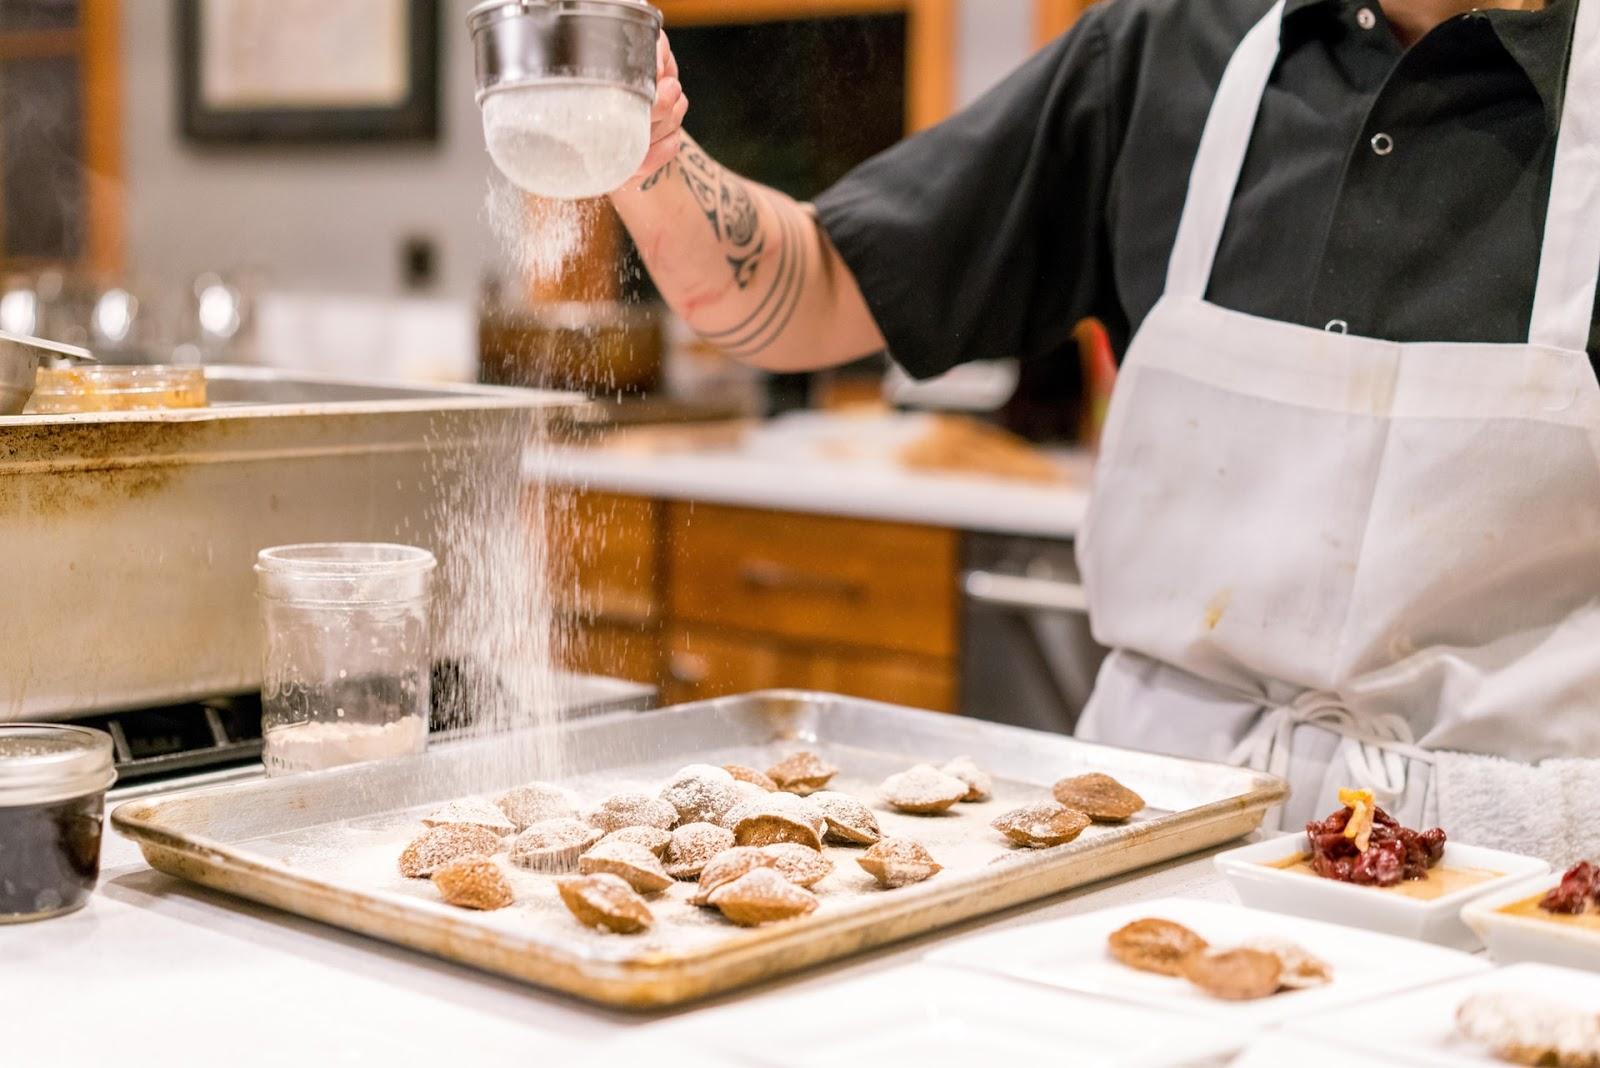 Criar própria empresa é opção para quem se forma em Gastronomia. (Fonte: Unsplash)